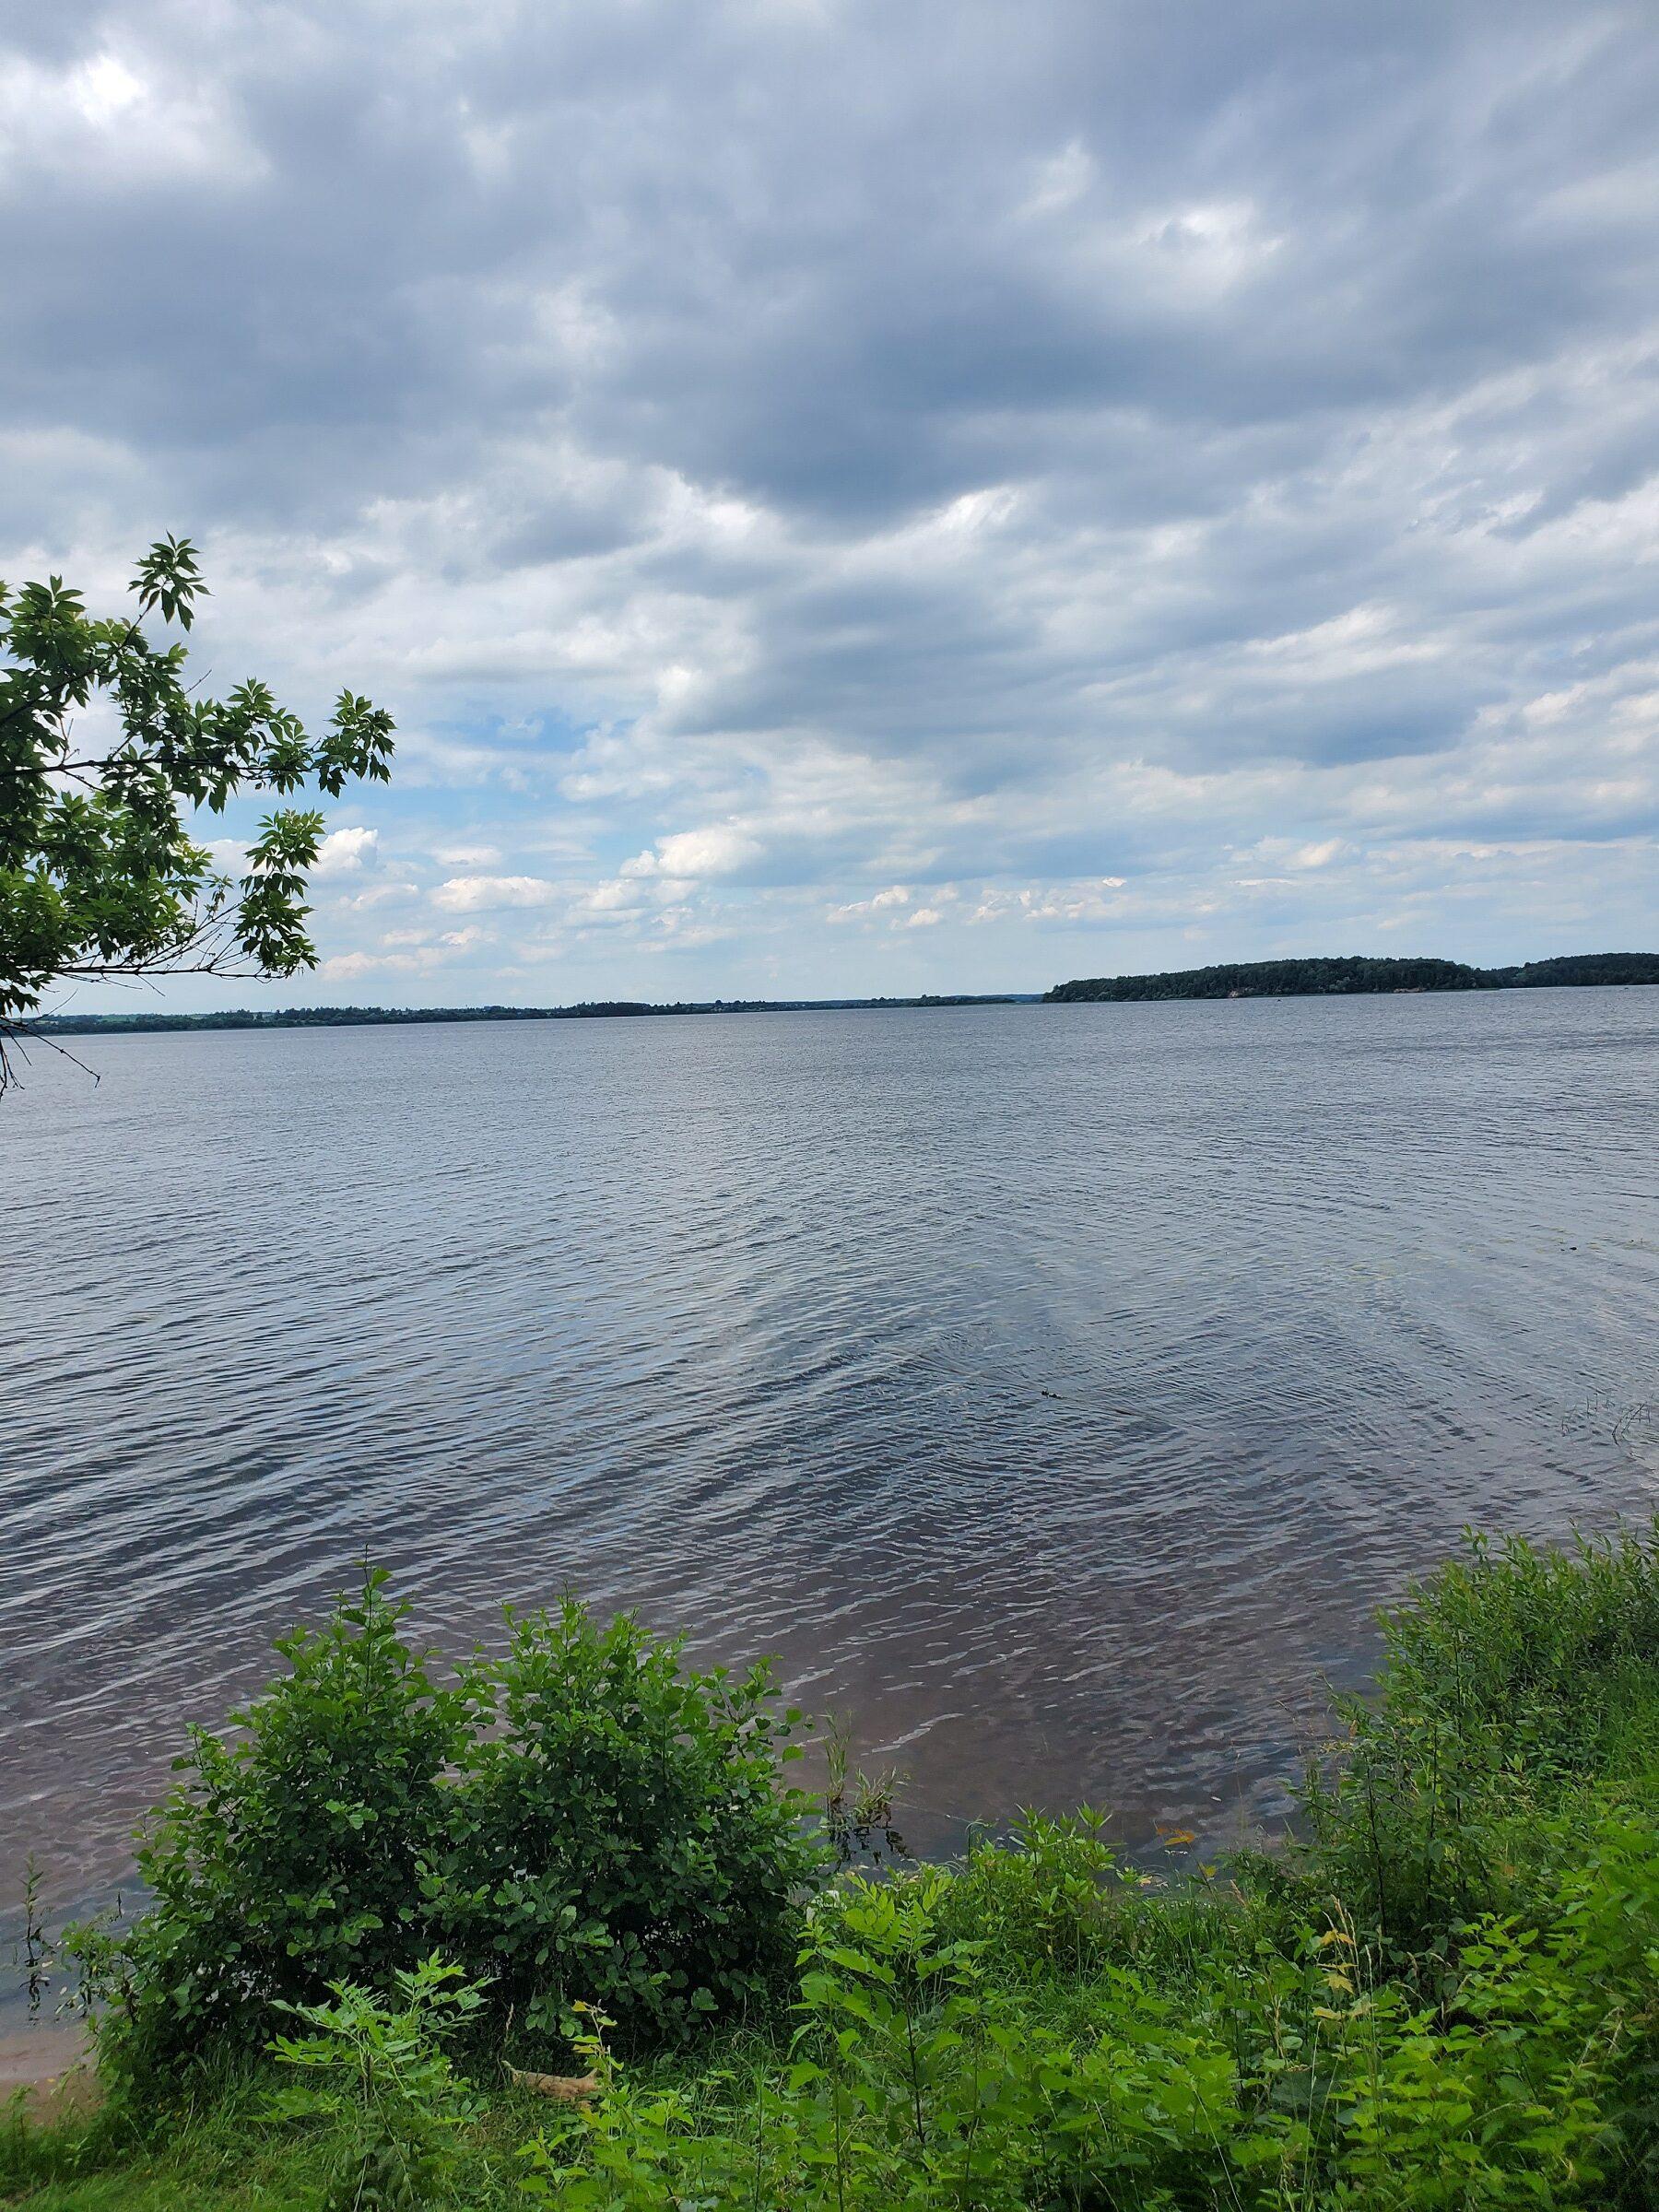 20200705 154439 rotated - Лепельское озеро